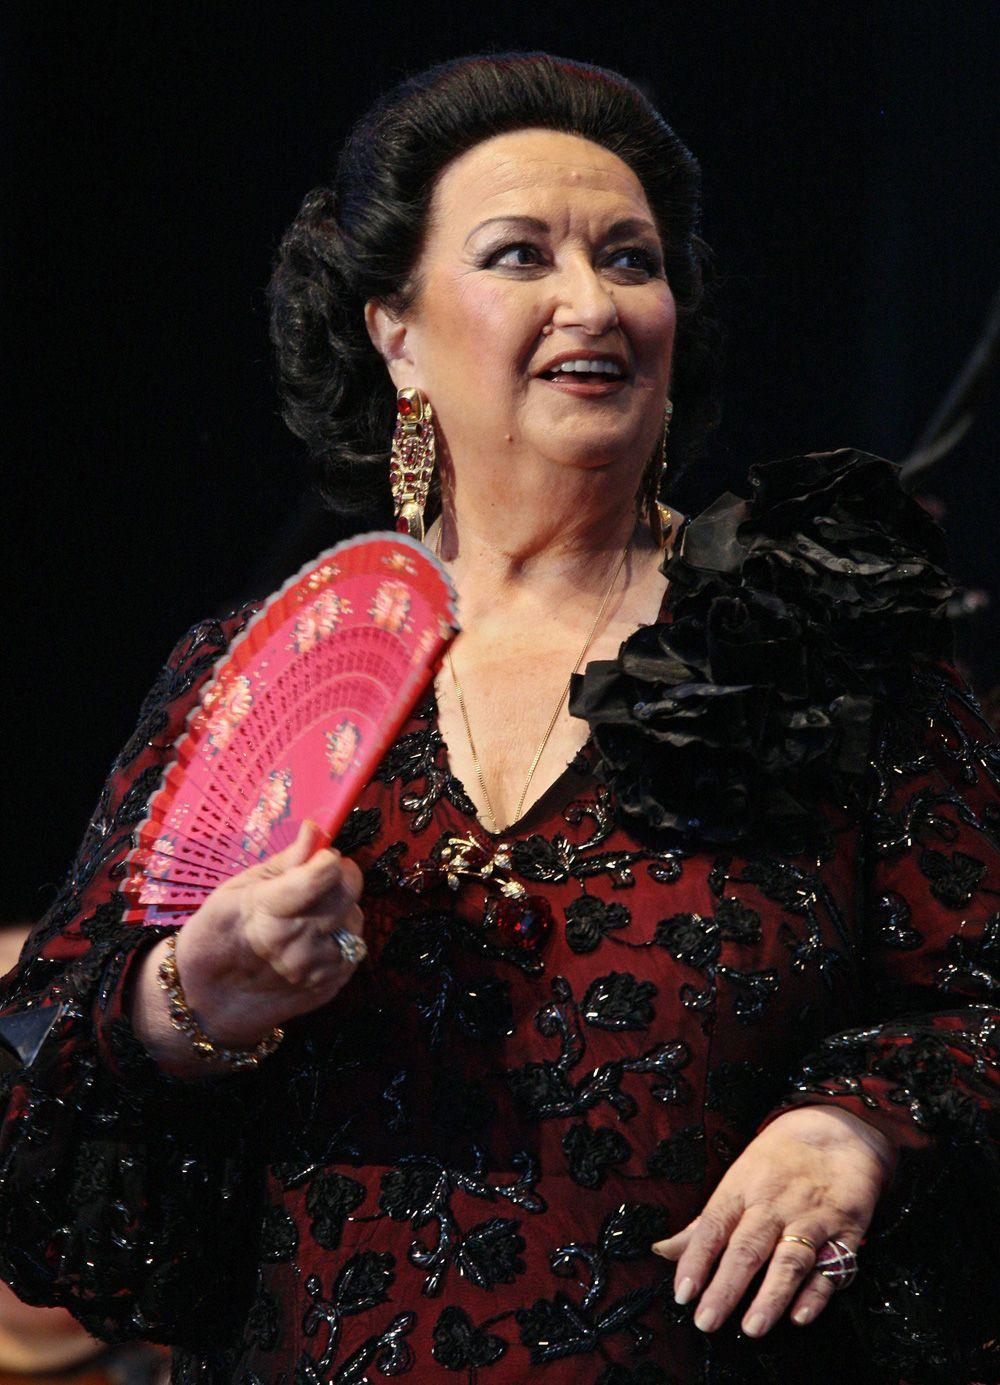 Монсеррат Кабалье в 2008 г.